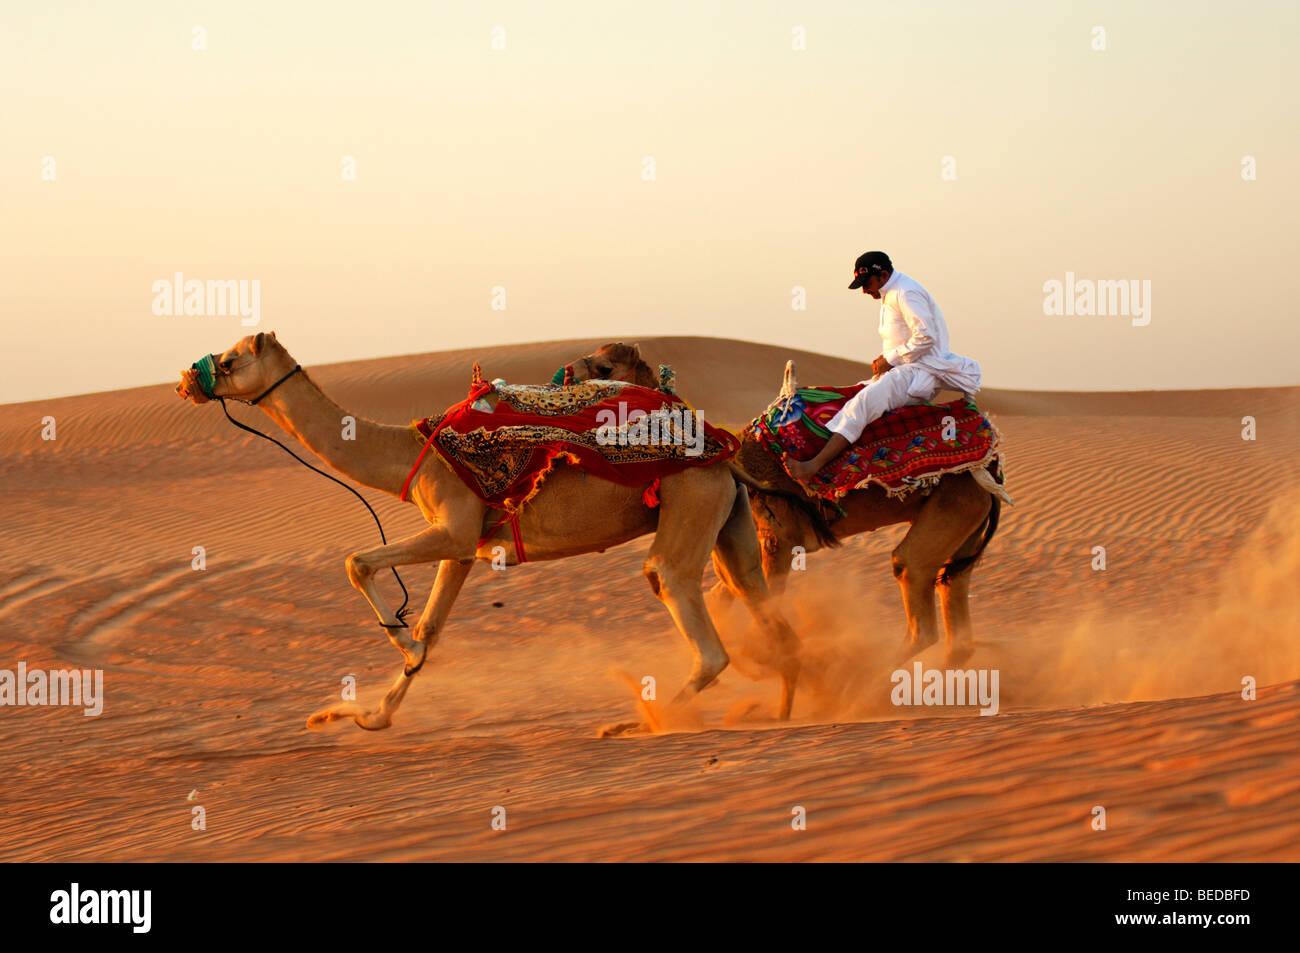 Wild safari in cammello, runaway cammelli con un disperato jockey, Dubai, Emirati Arabi Uniti, Medio Oriente Immagini Stock